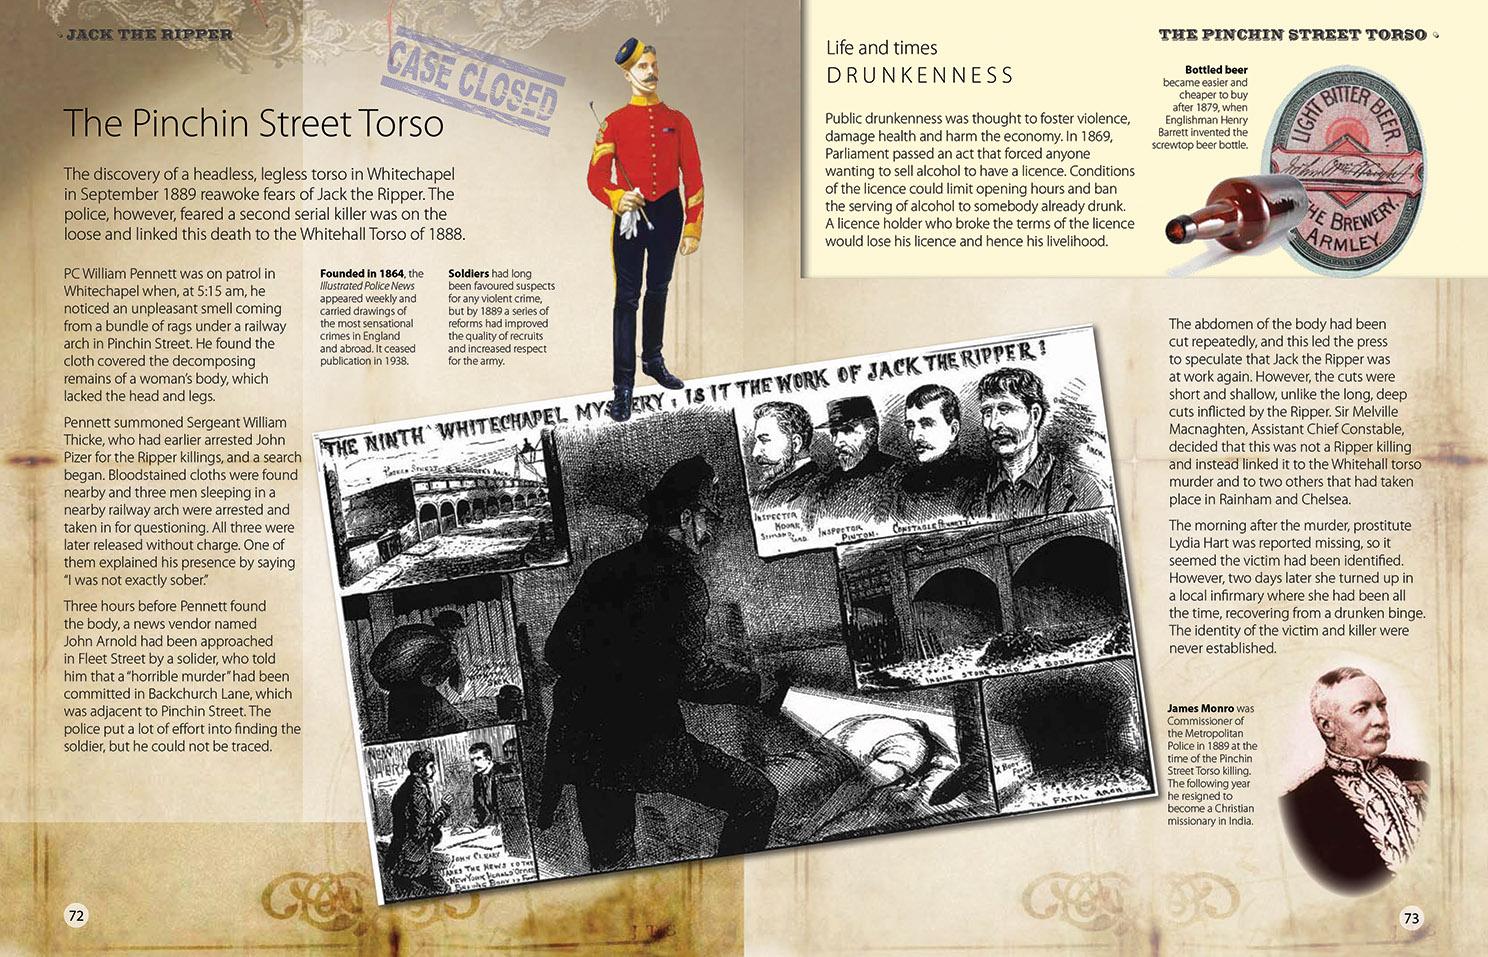 j 6 Jack The Ripper 2-37